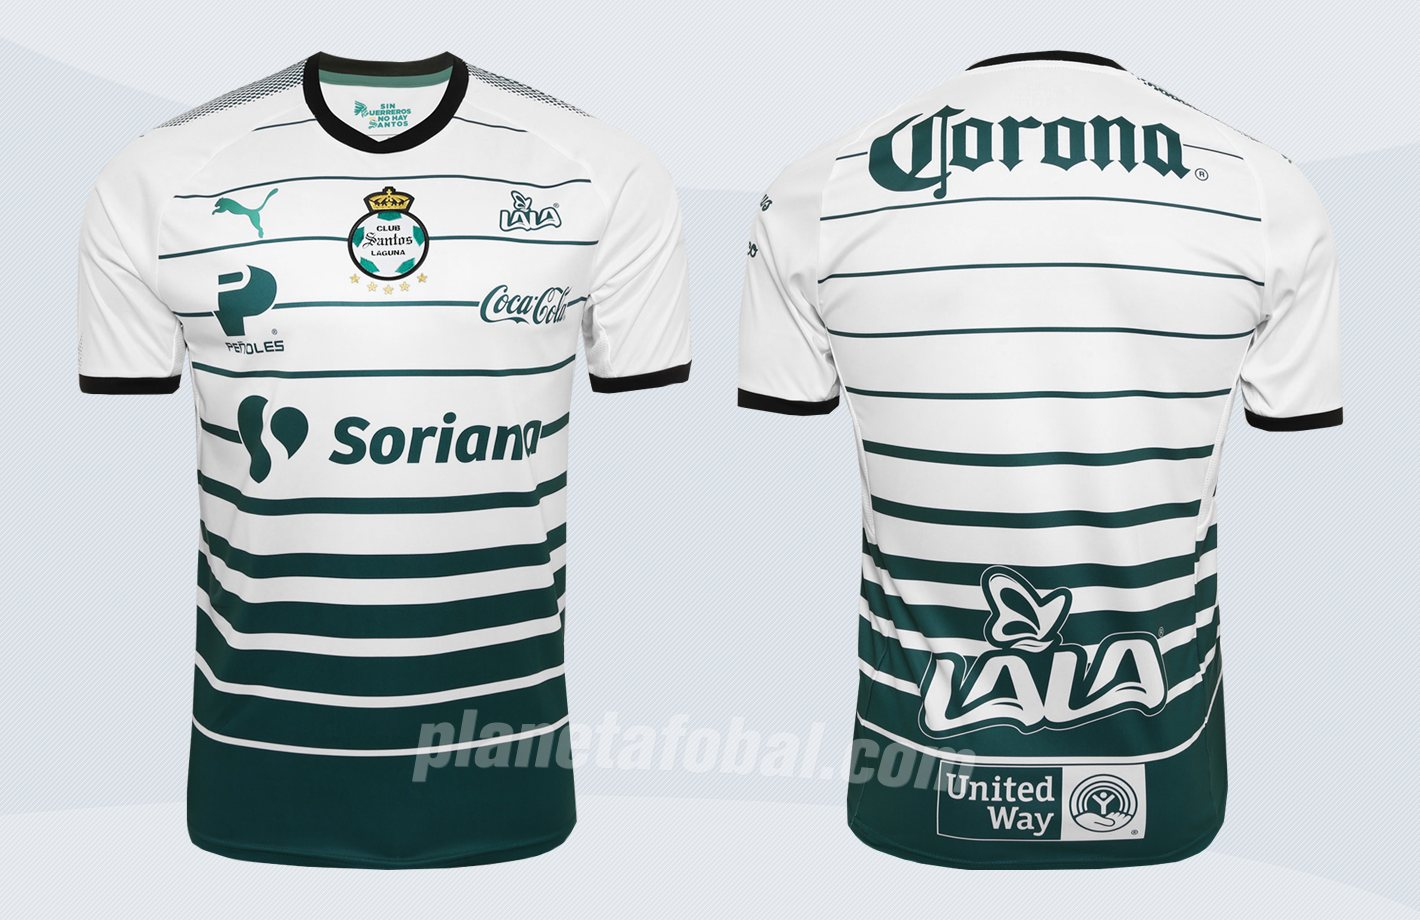 Nueva camiseta titular del Santos Laguna | Imágenes Web Oficial